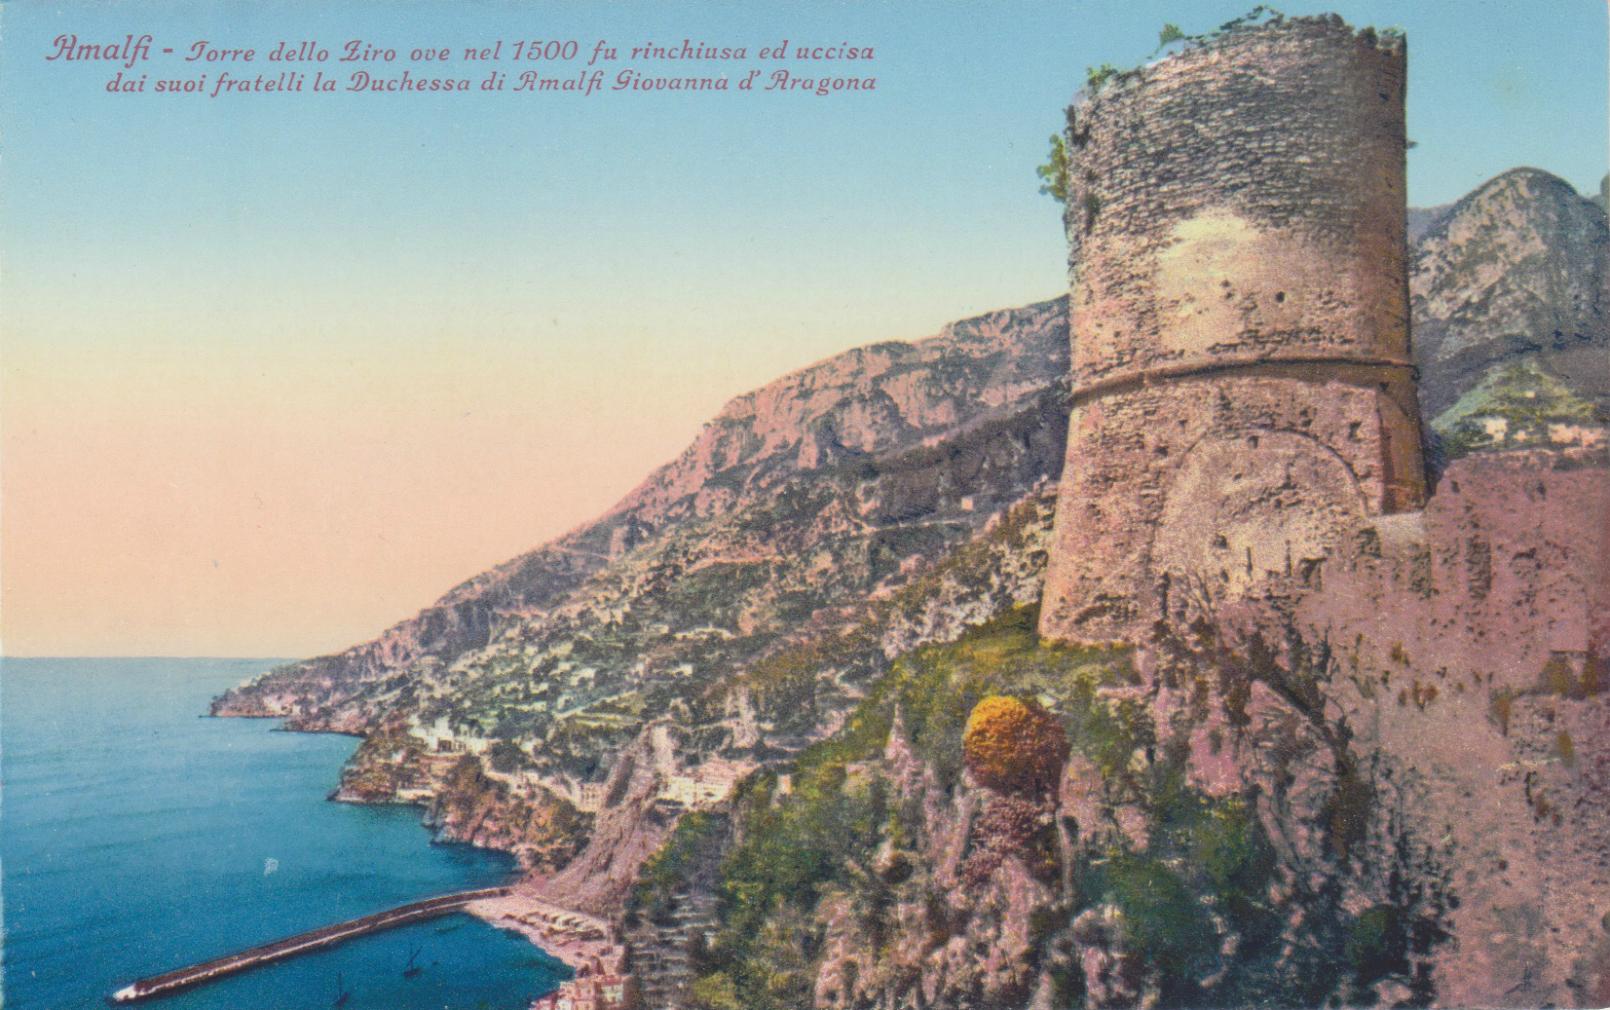 ciao-amalfi-torre-dello-ziro-postcard-ernesto-samaritani